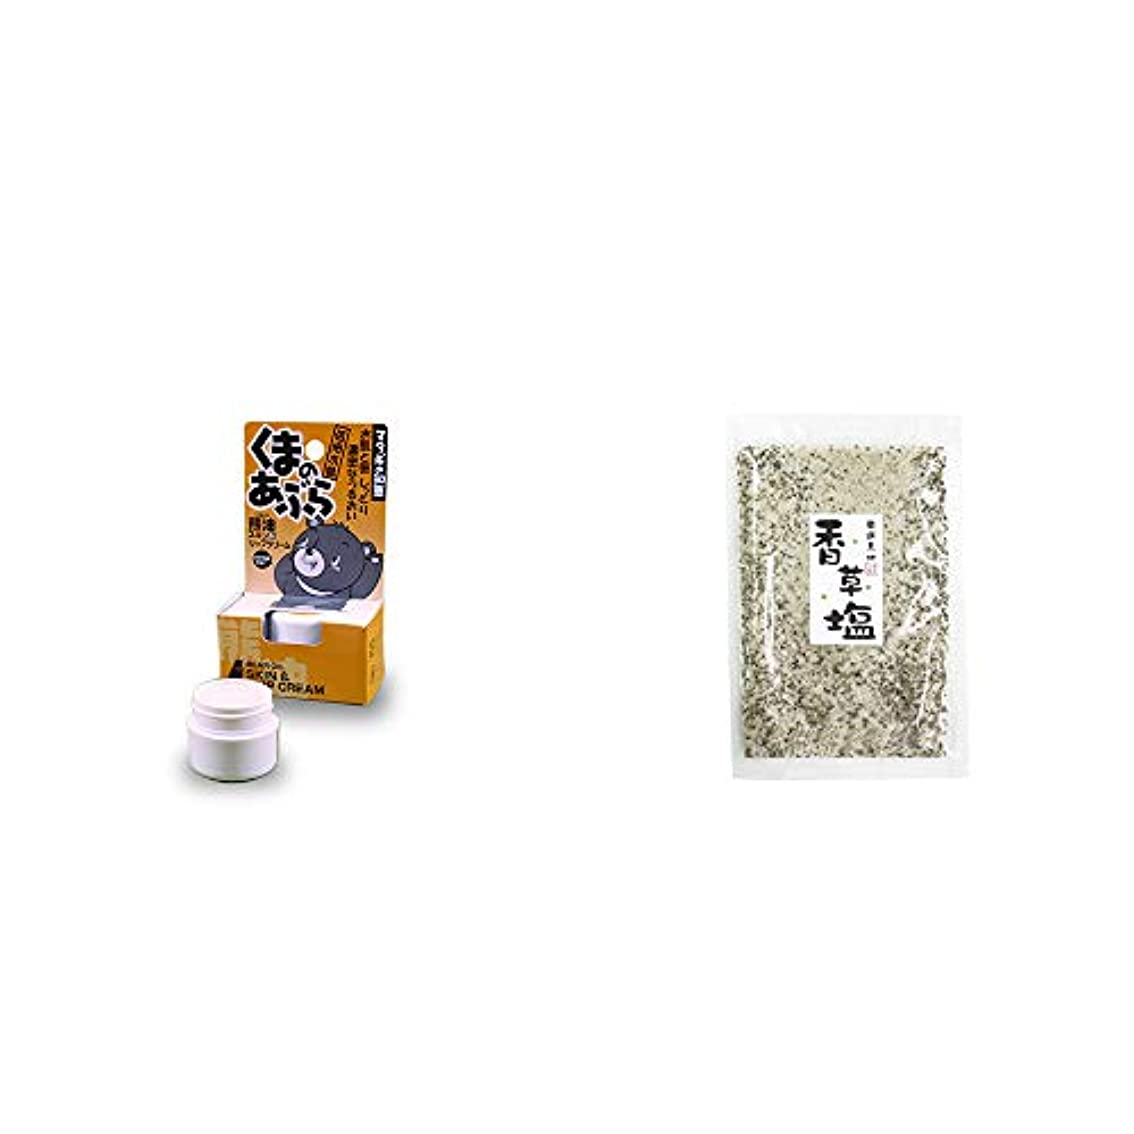 全部レンチロケーション[2点セット] 信州木曽 くまのあぶら 熊油スキン&リップクリーム(9g)?香草塩 [袋タイプ](100g)